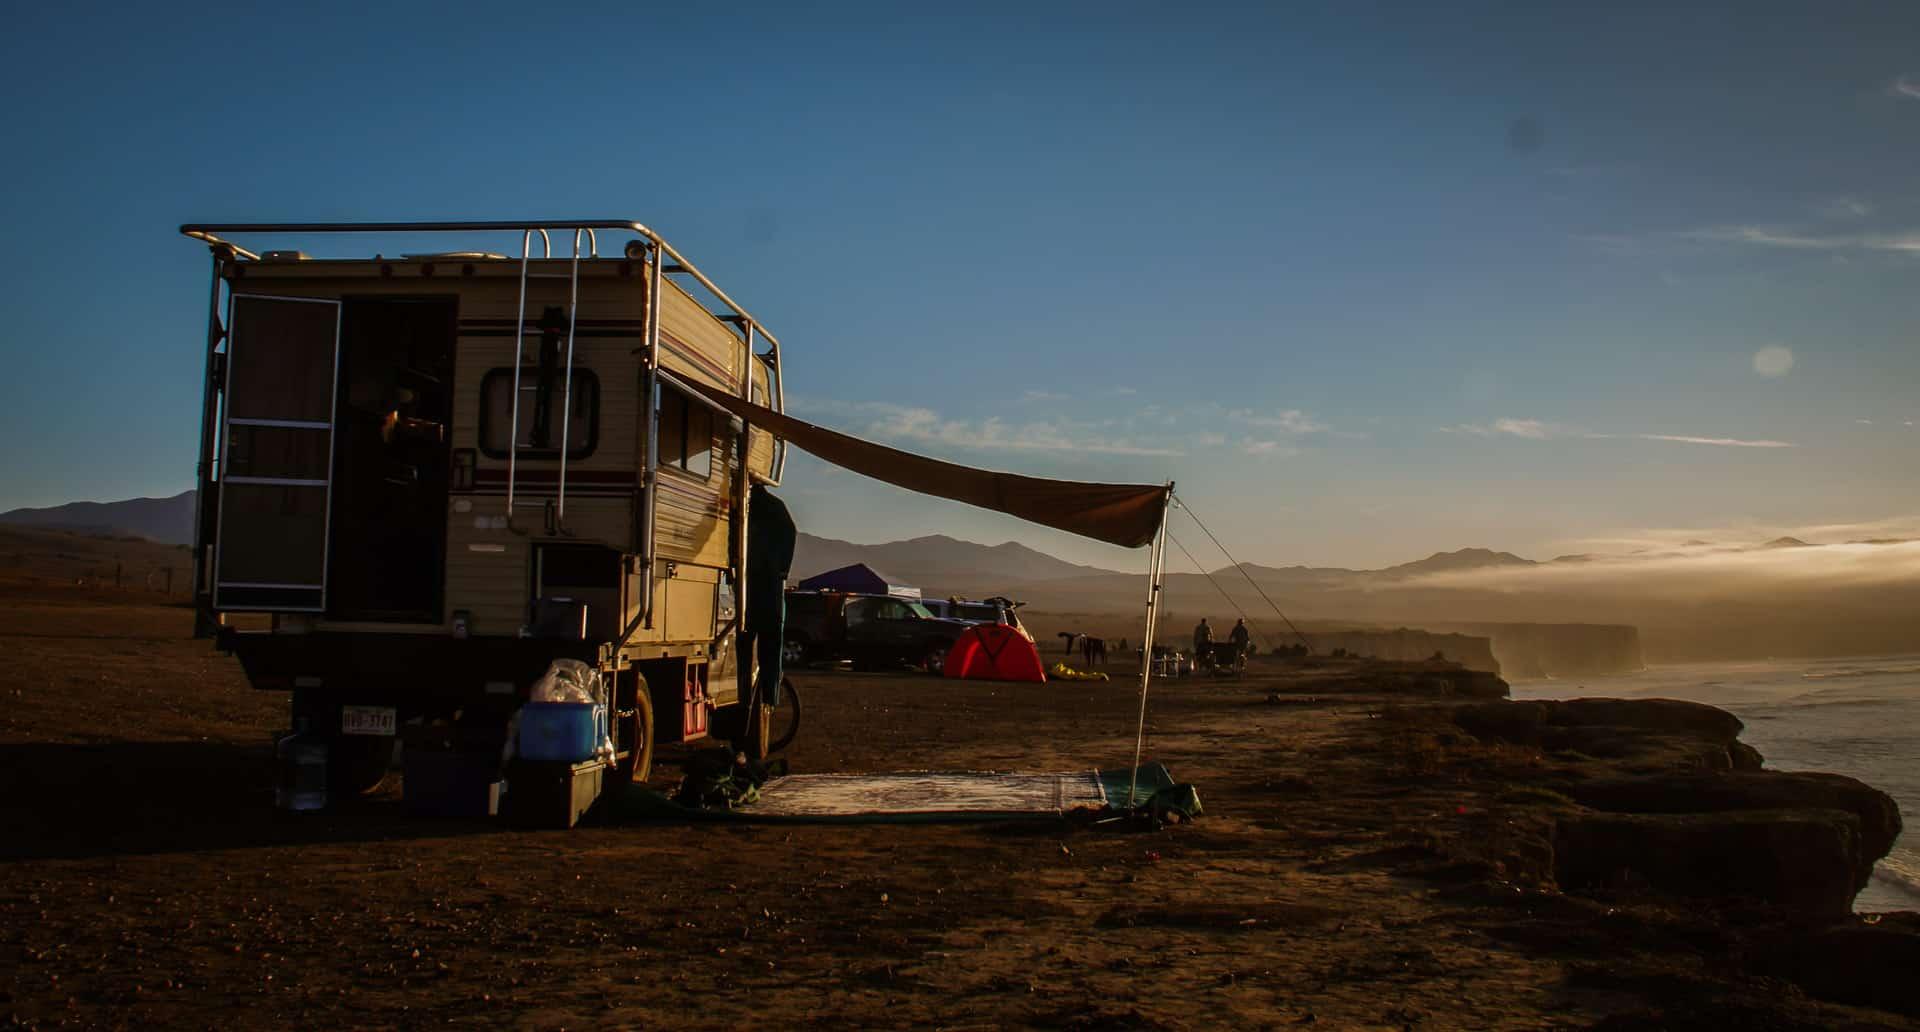 Camping at Punta San José Baja Surfing